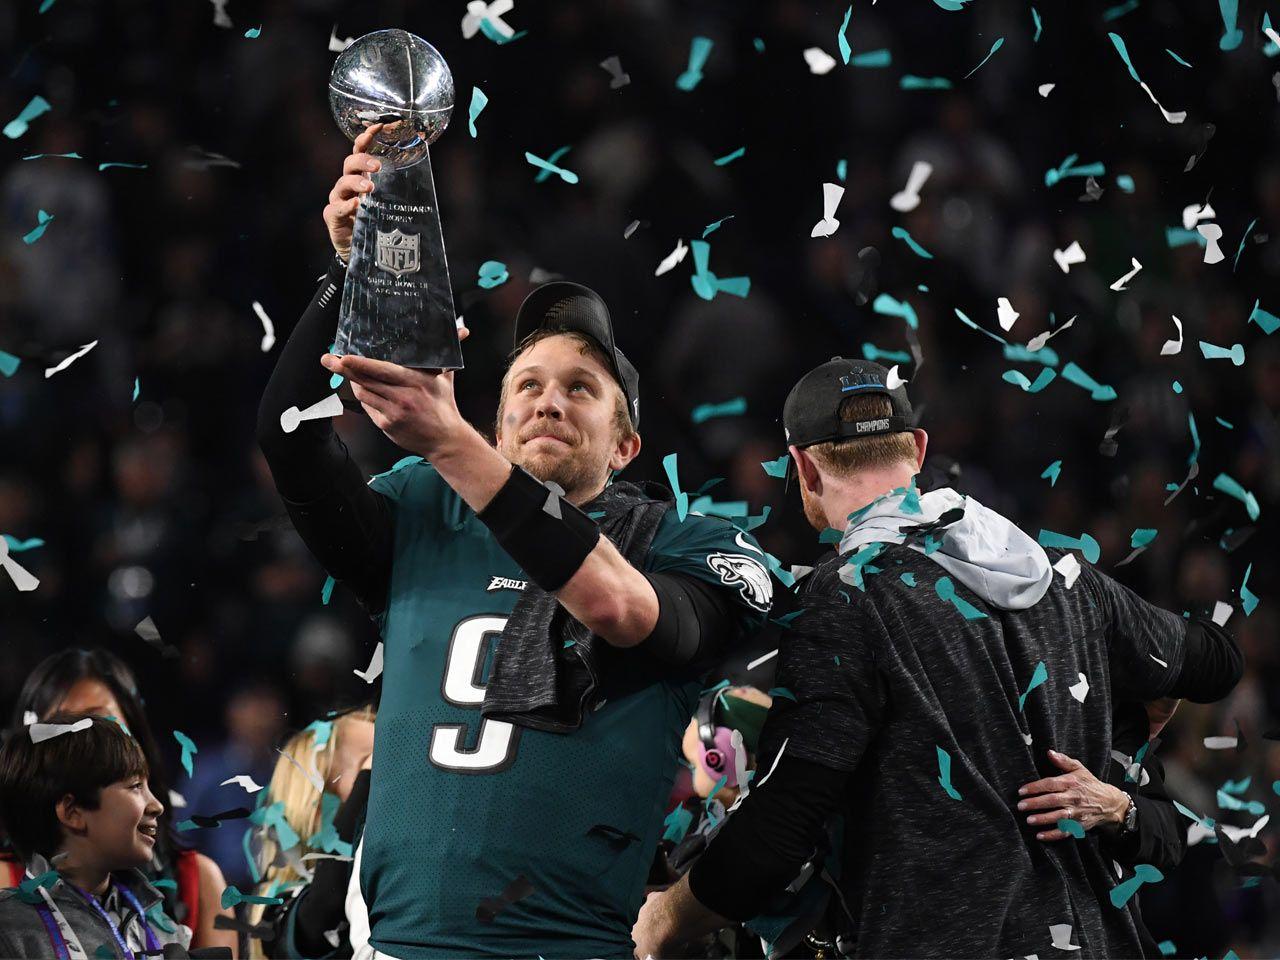 Super Bowl LII Top 5 Moments From Eagles vs. Patriots